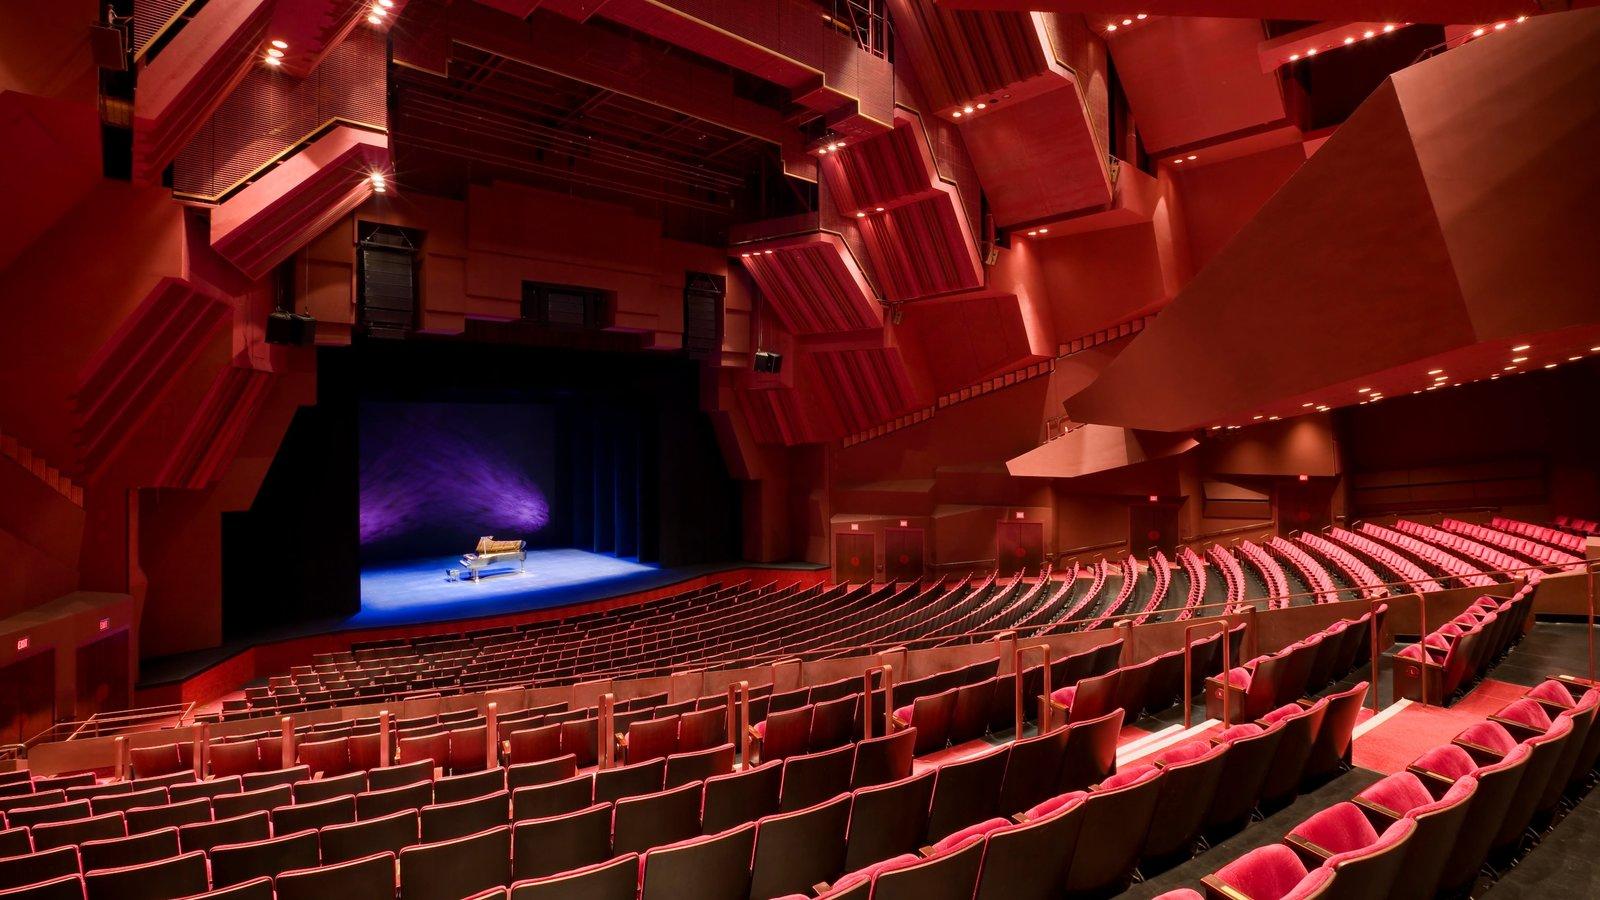 Segerstrom Center for the Arts ofreciendo escenas de teatro y vistas interiores